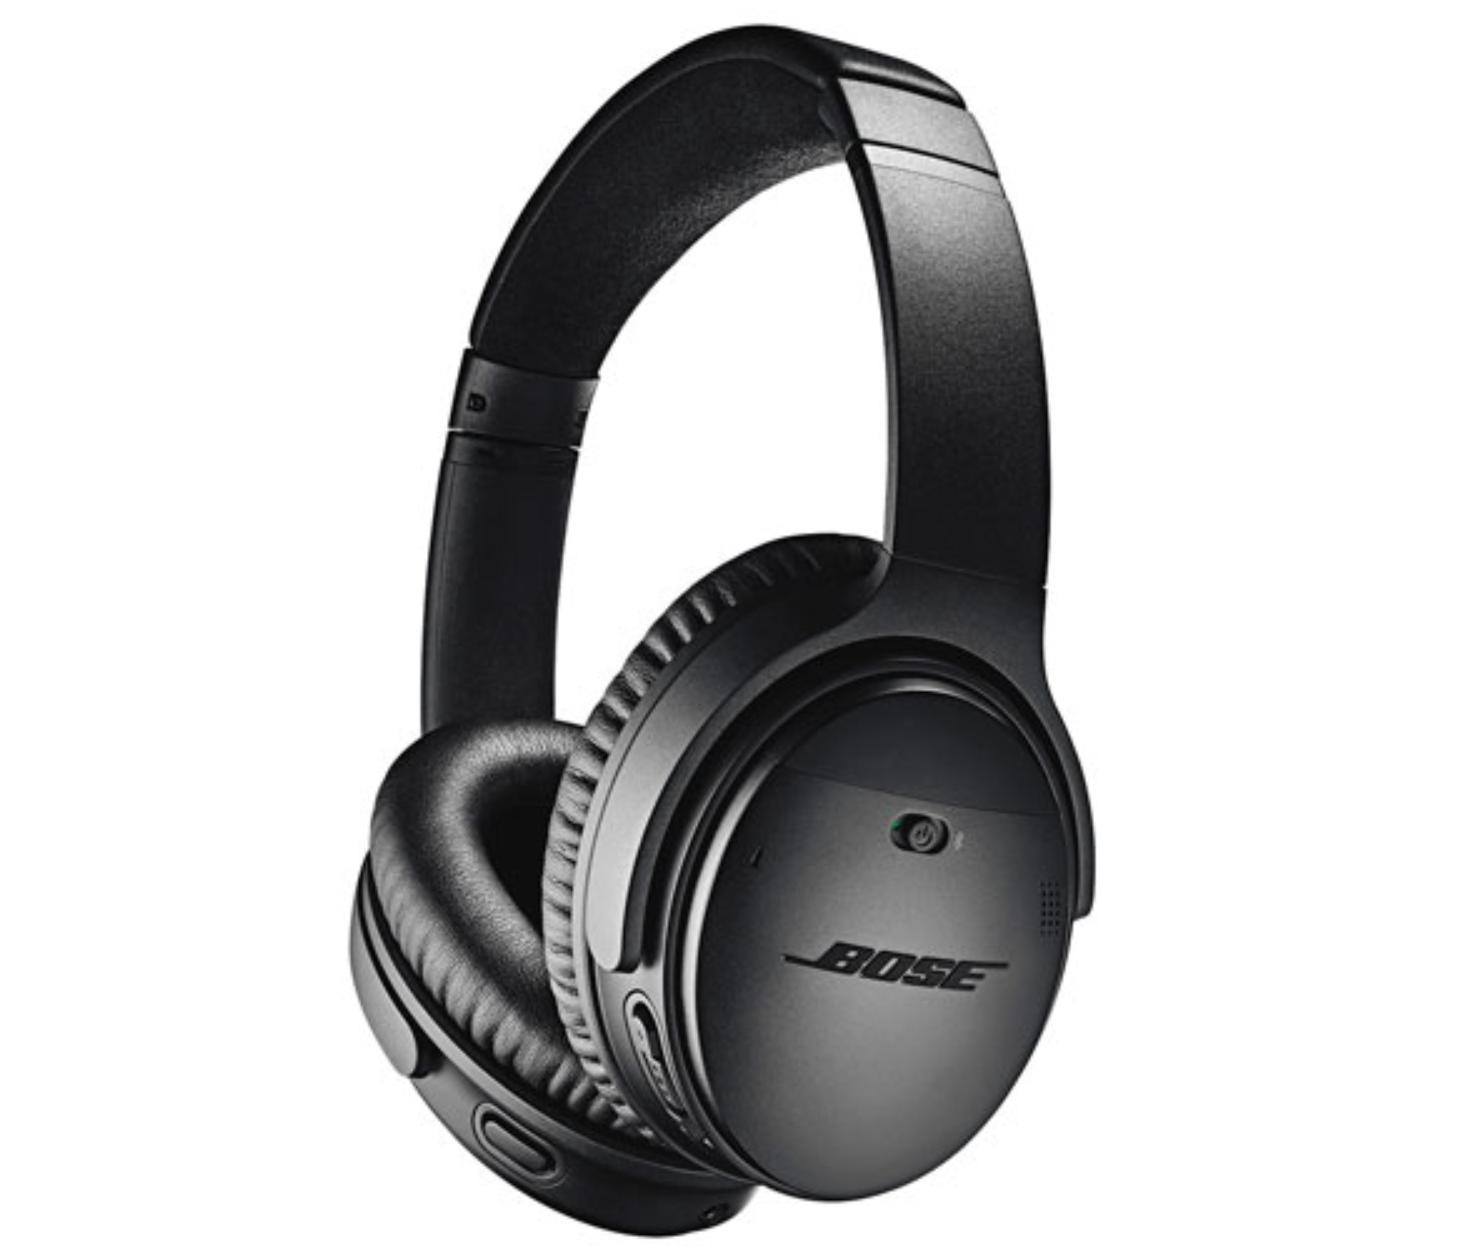 image of the Bose QuietComfort II over-ear headphones